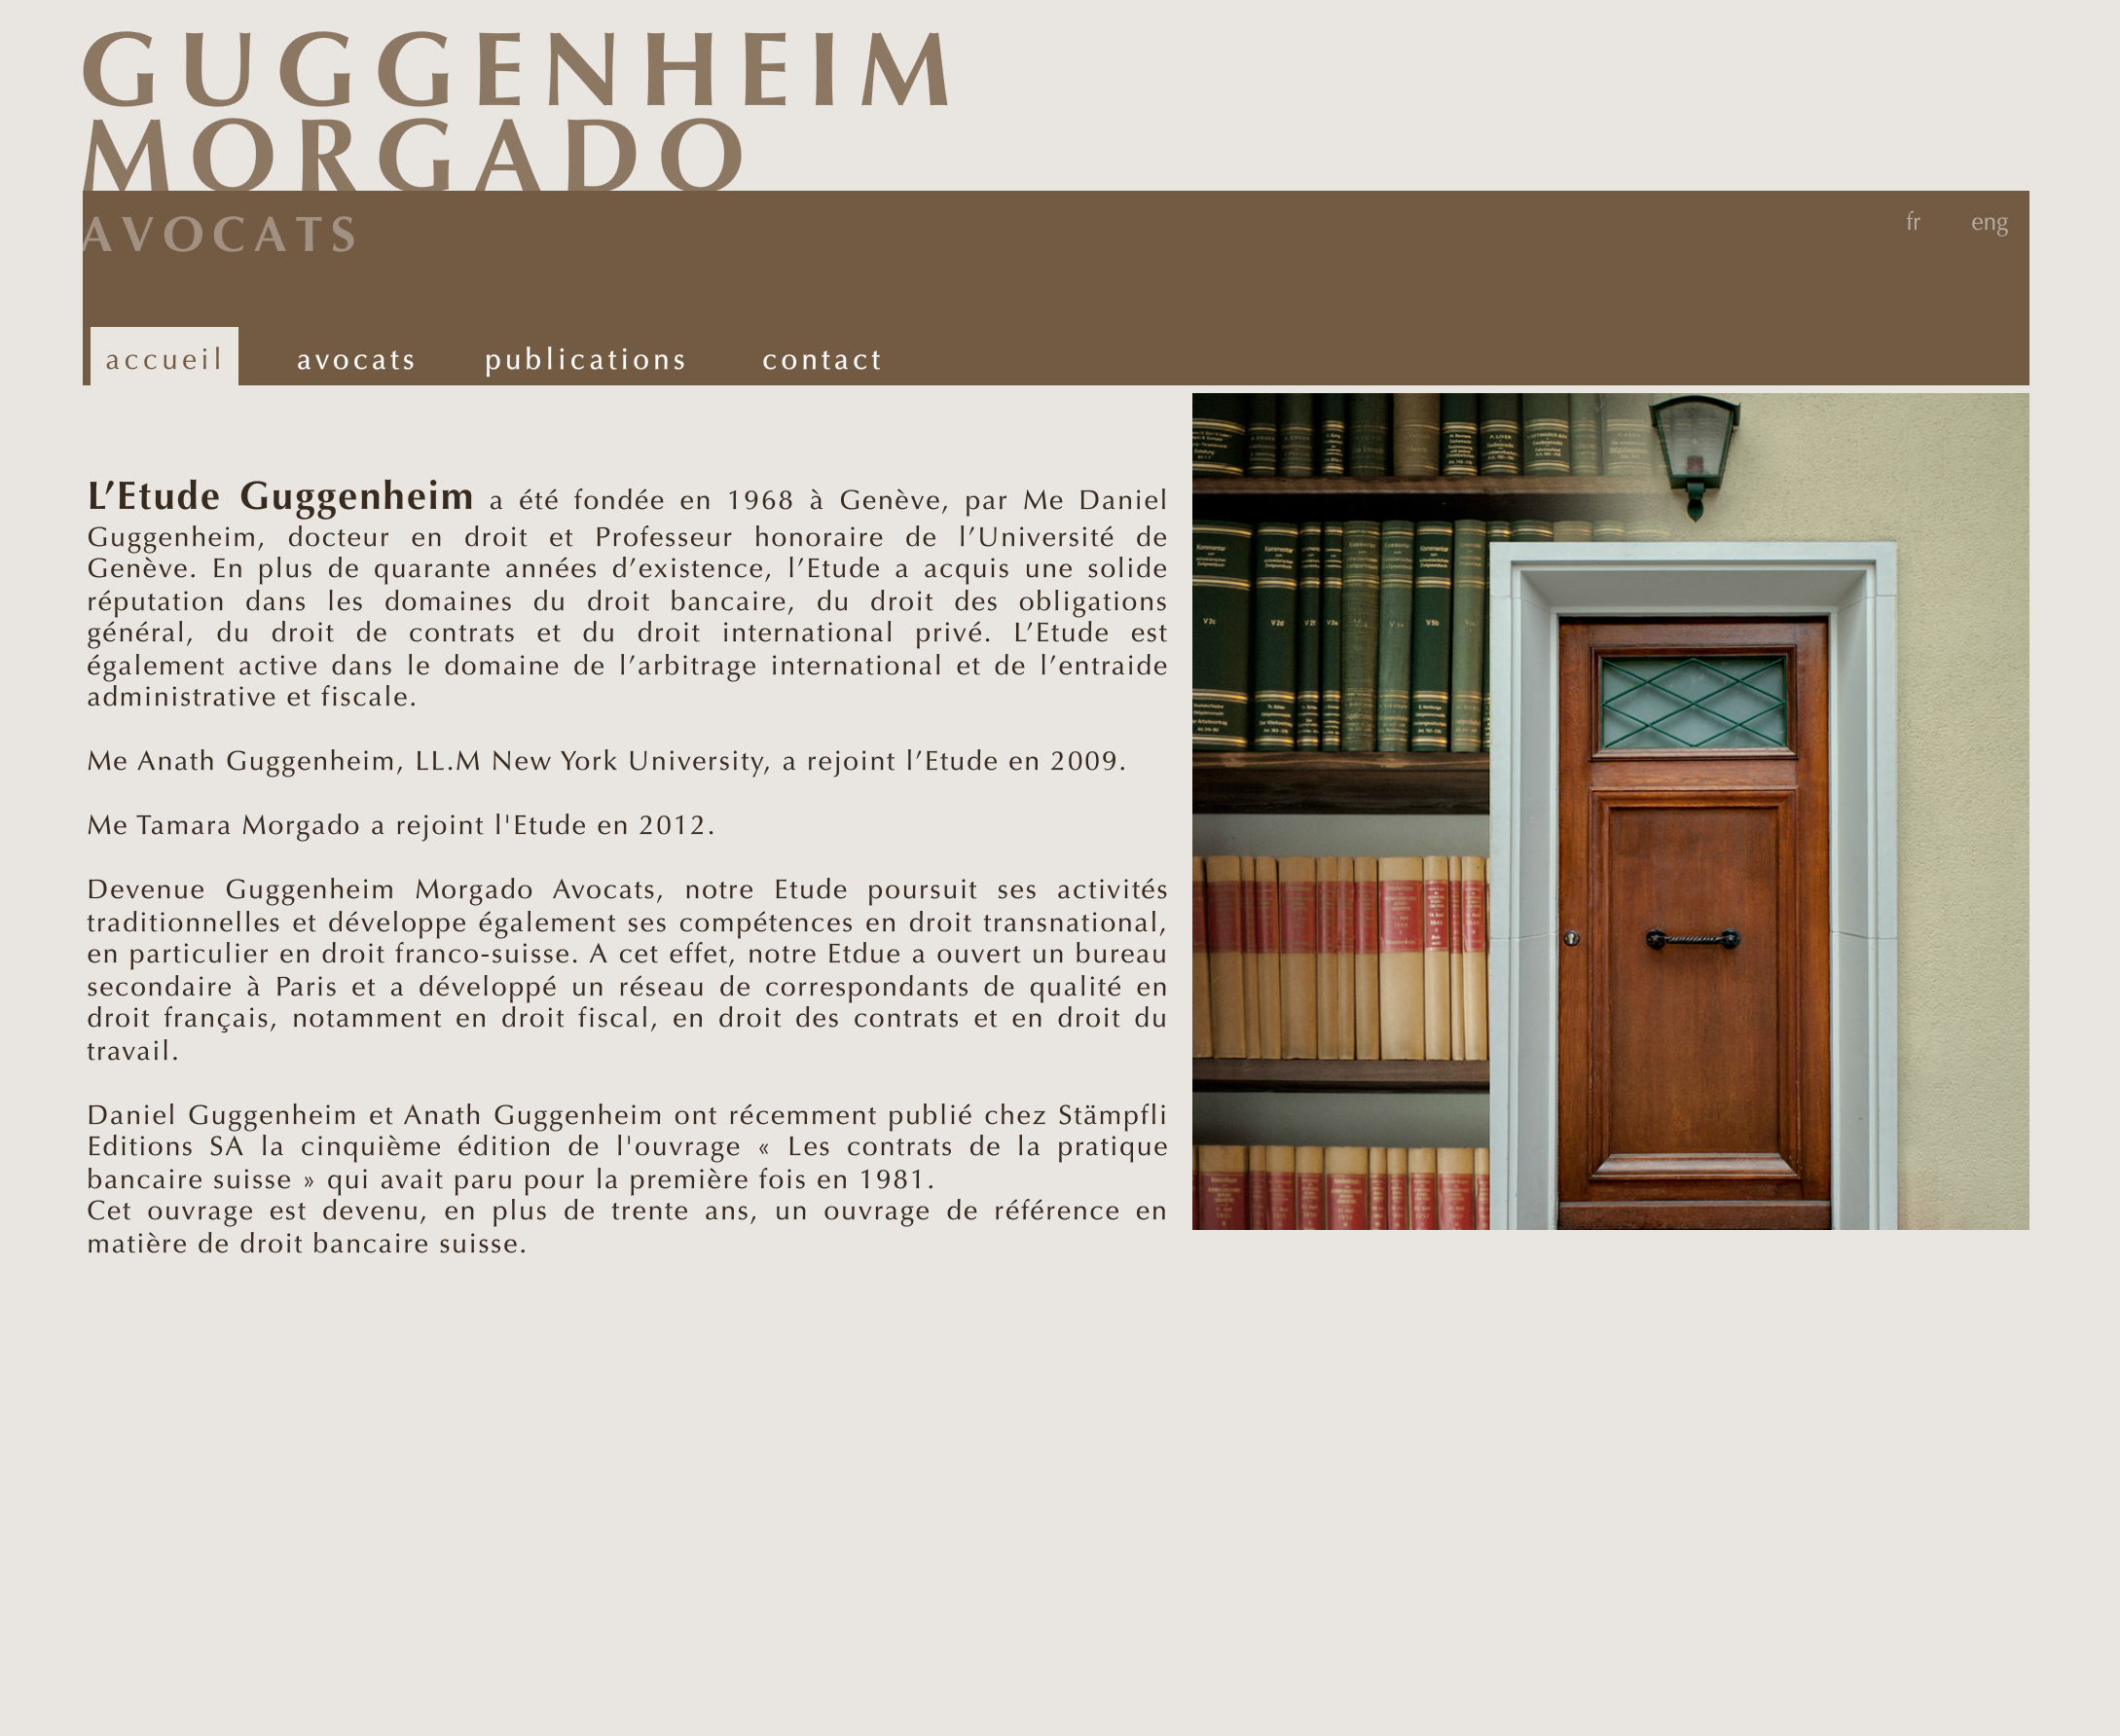 Ligne Graphique Website Carte De Visite Papier A Lettre Voeux Et Prise Vue Photo Pour Letude Guggenheim Morgado Avocats Basee Geneve